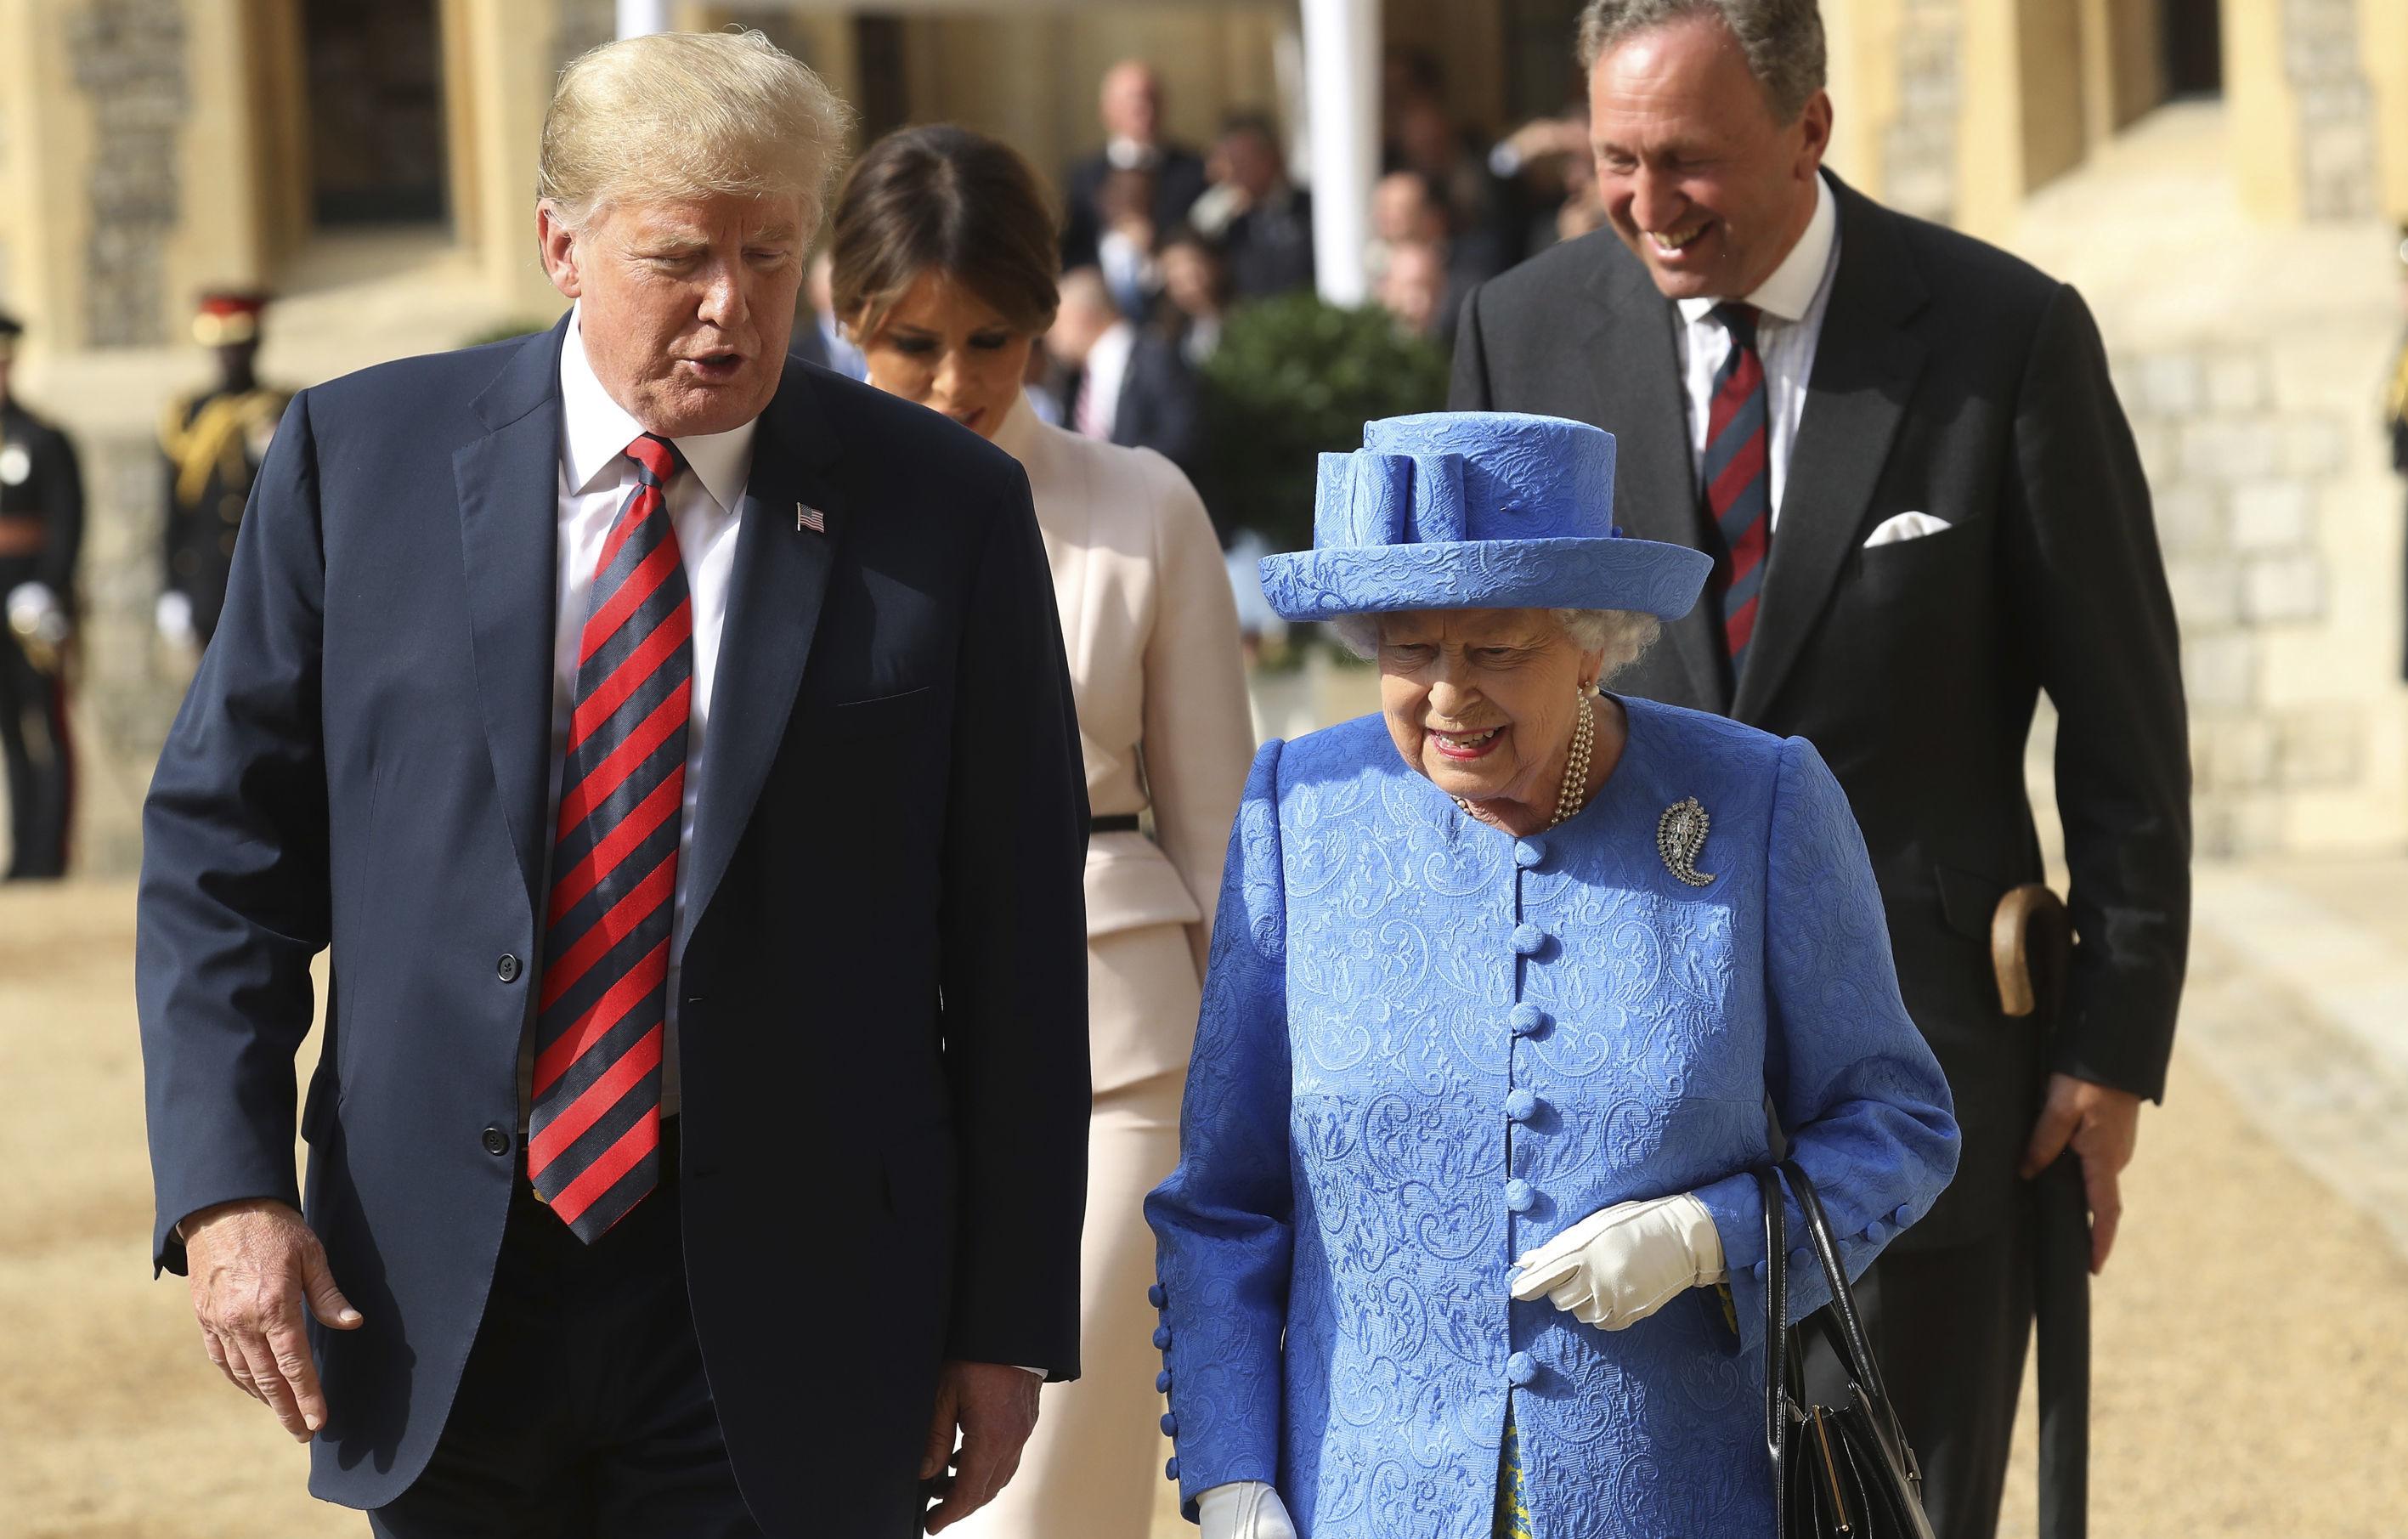 La reina Isabel II y el presidente de EEUU, Donald Trump, durante su visita oficial en 2018